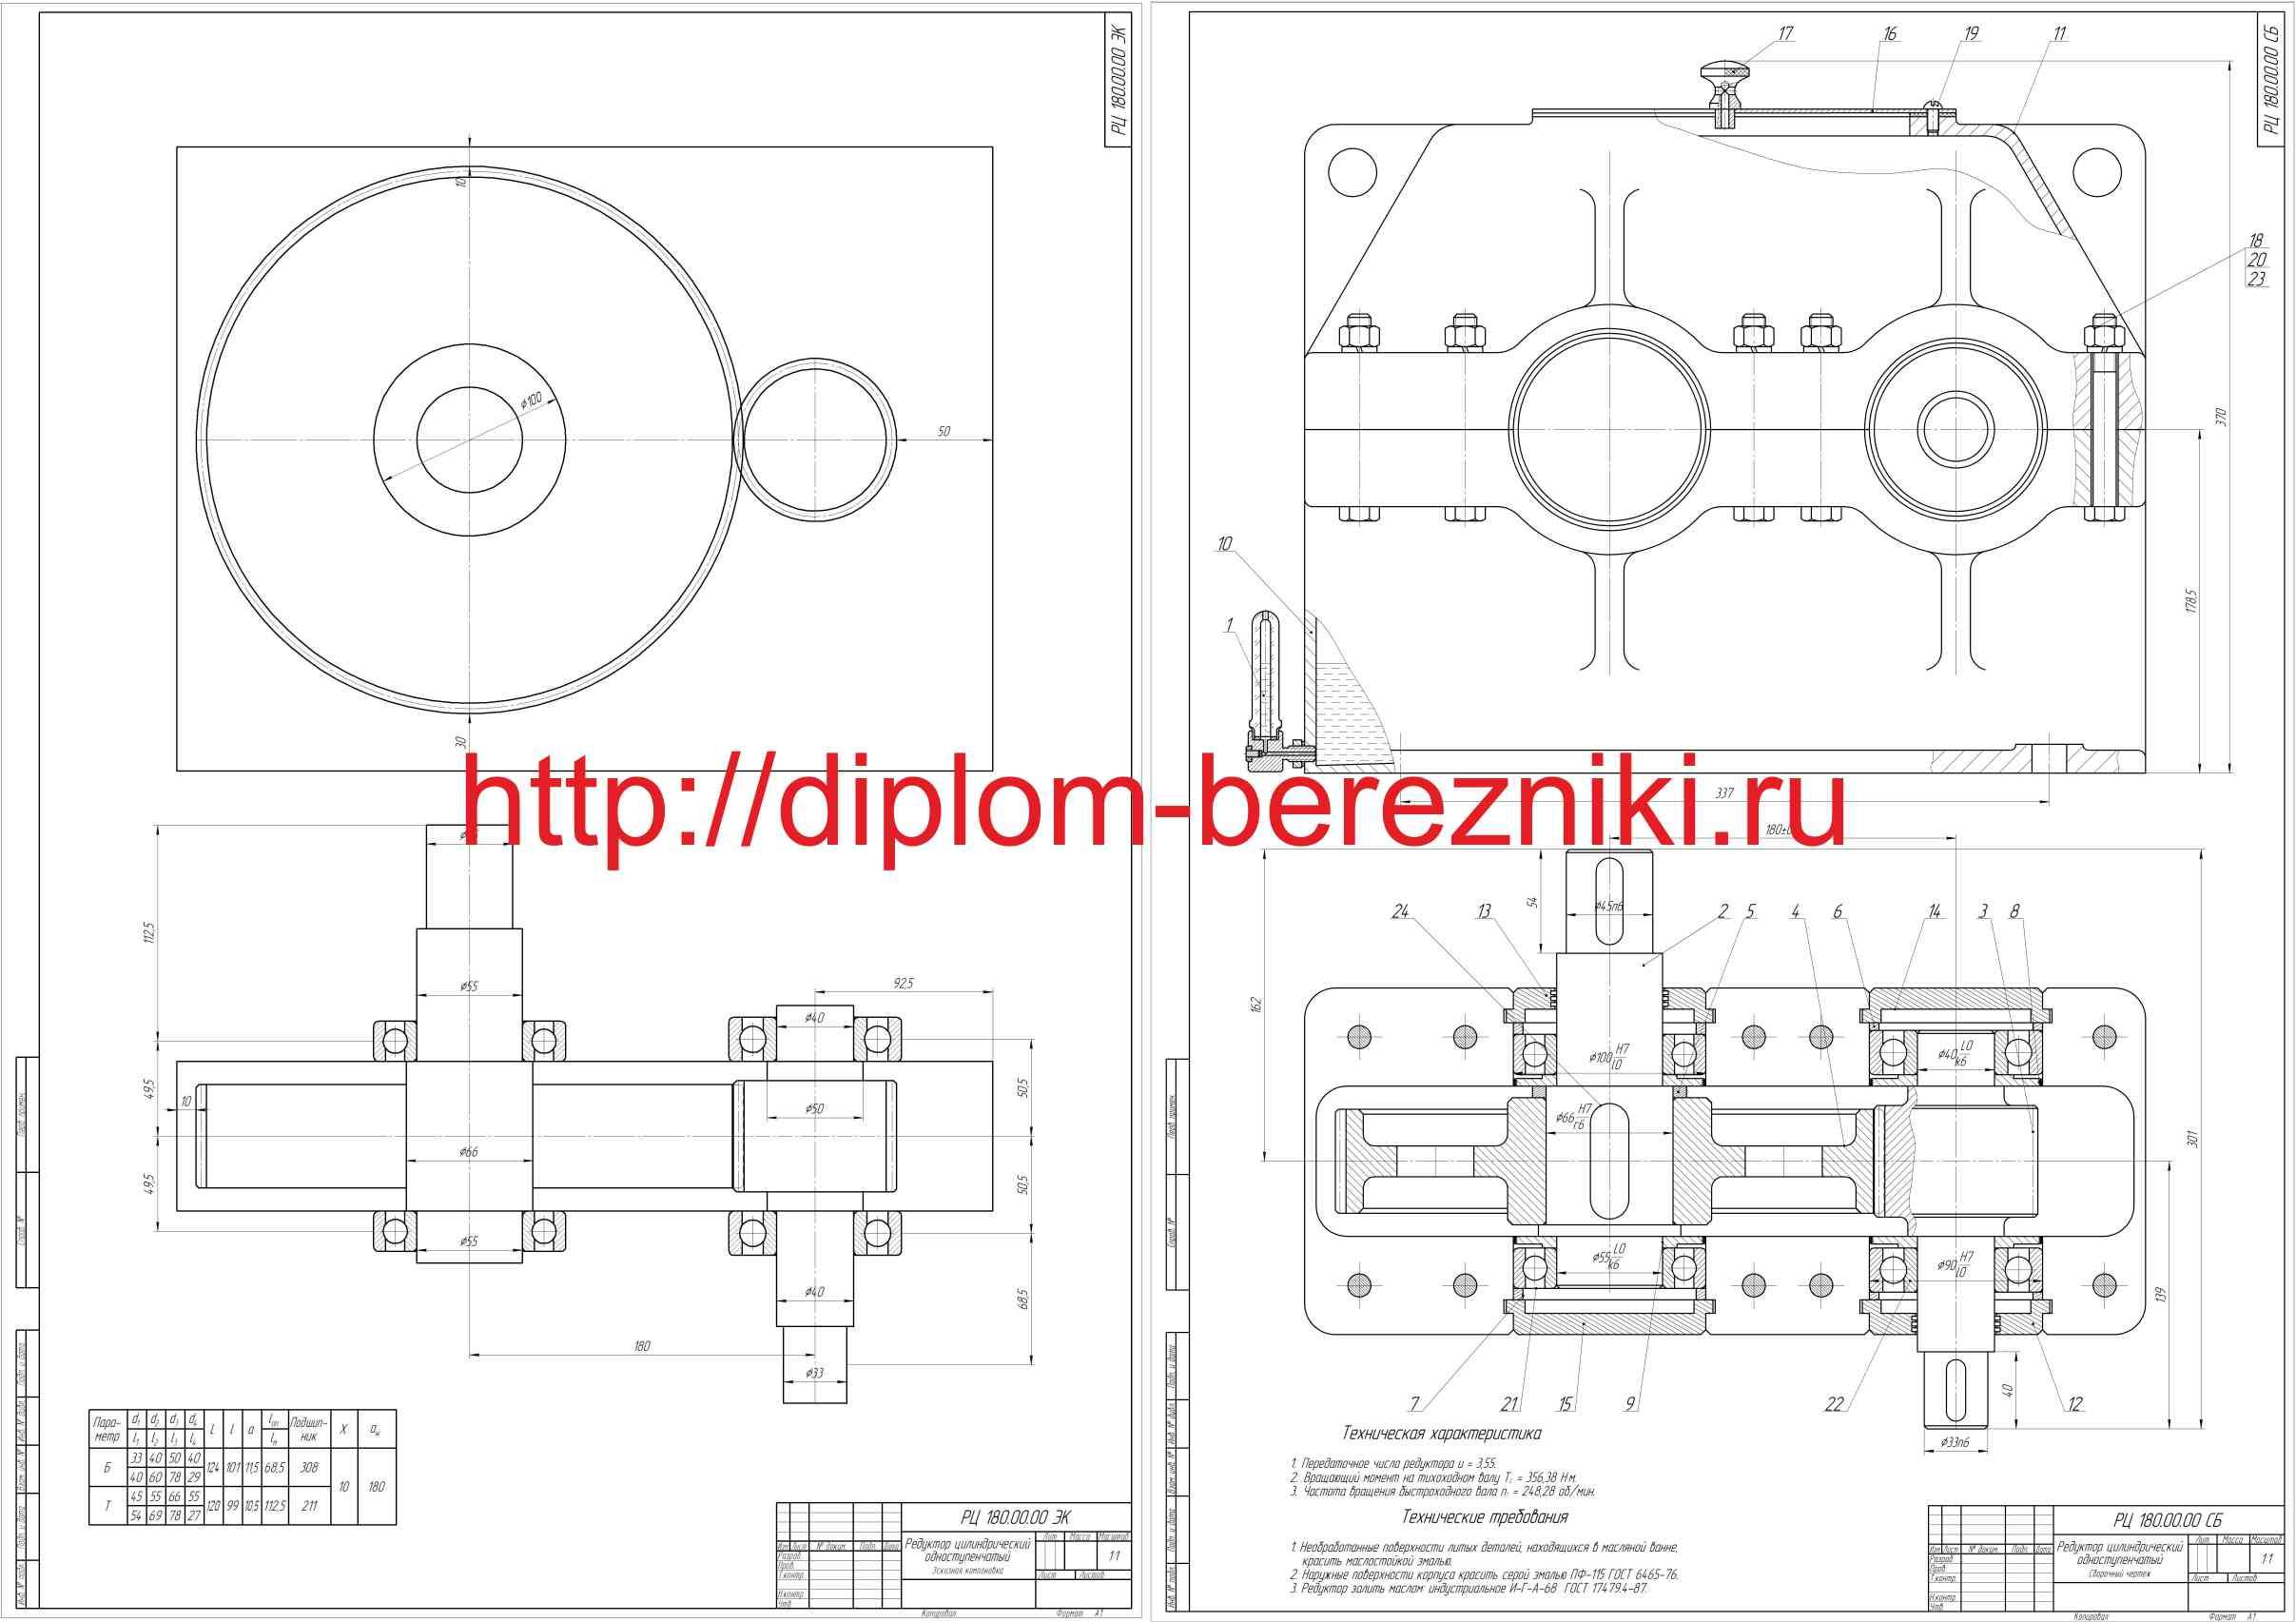 Прямозубой передачи одноступенчатого цилиндрического редуктора привода конвейера транспортер на капалку